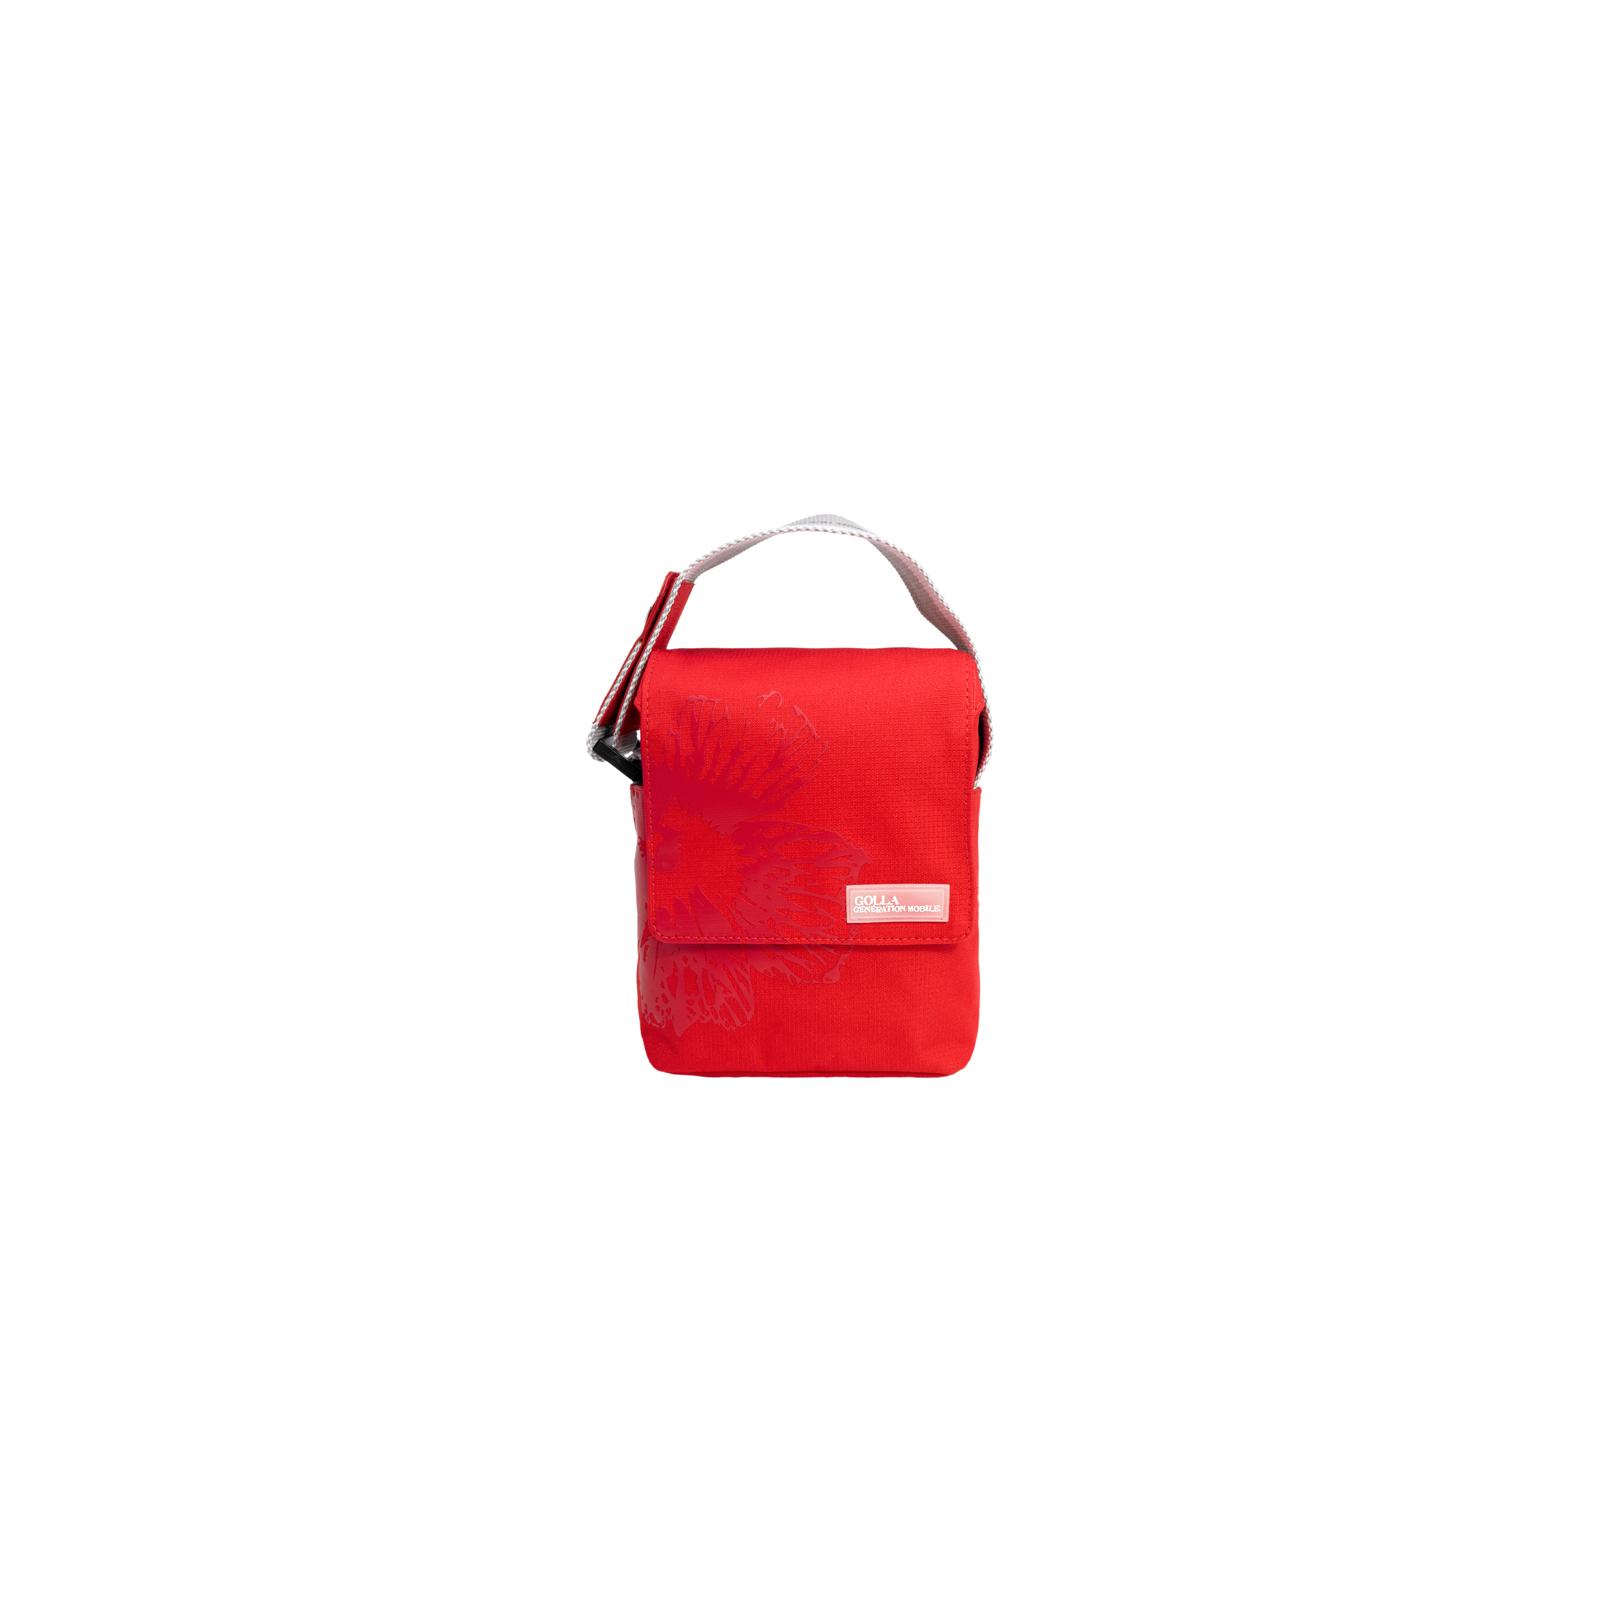 625fb7862ced Фото-сумка Golla CAM BAG S red (G1260) цены в Киеве и Украине ...